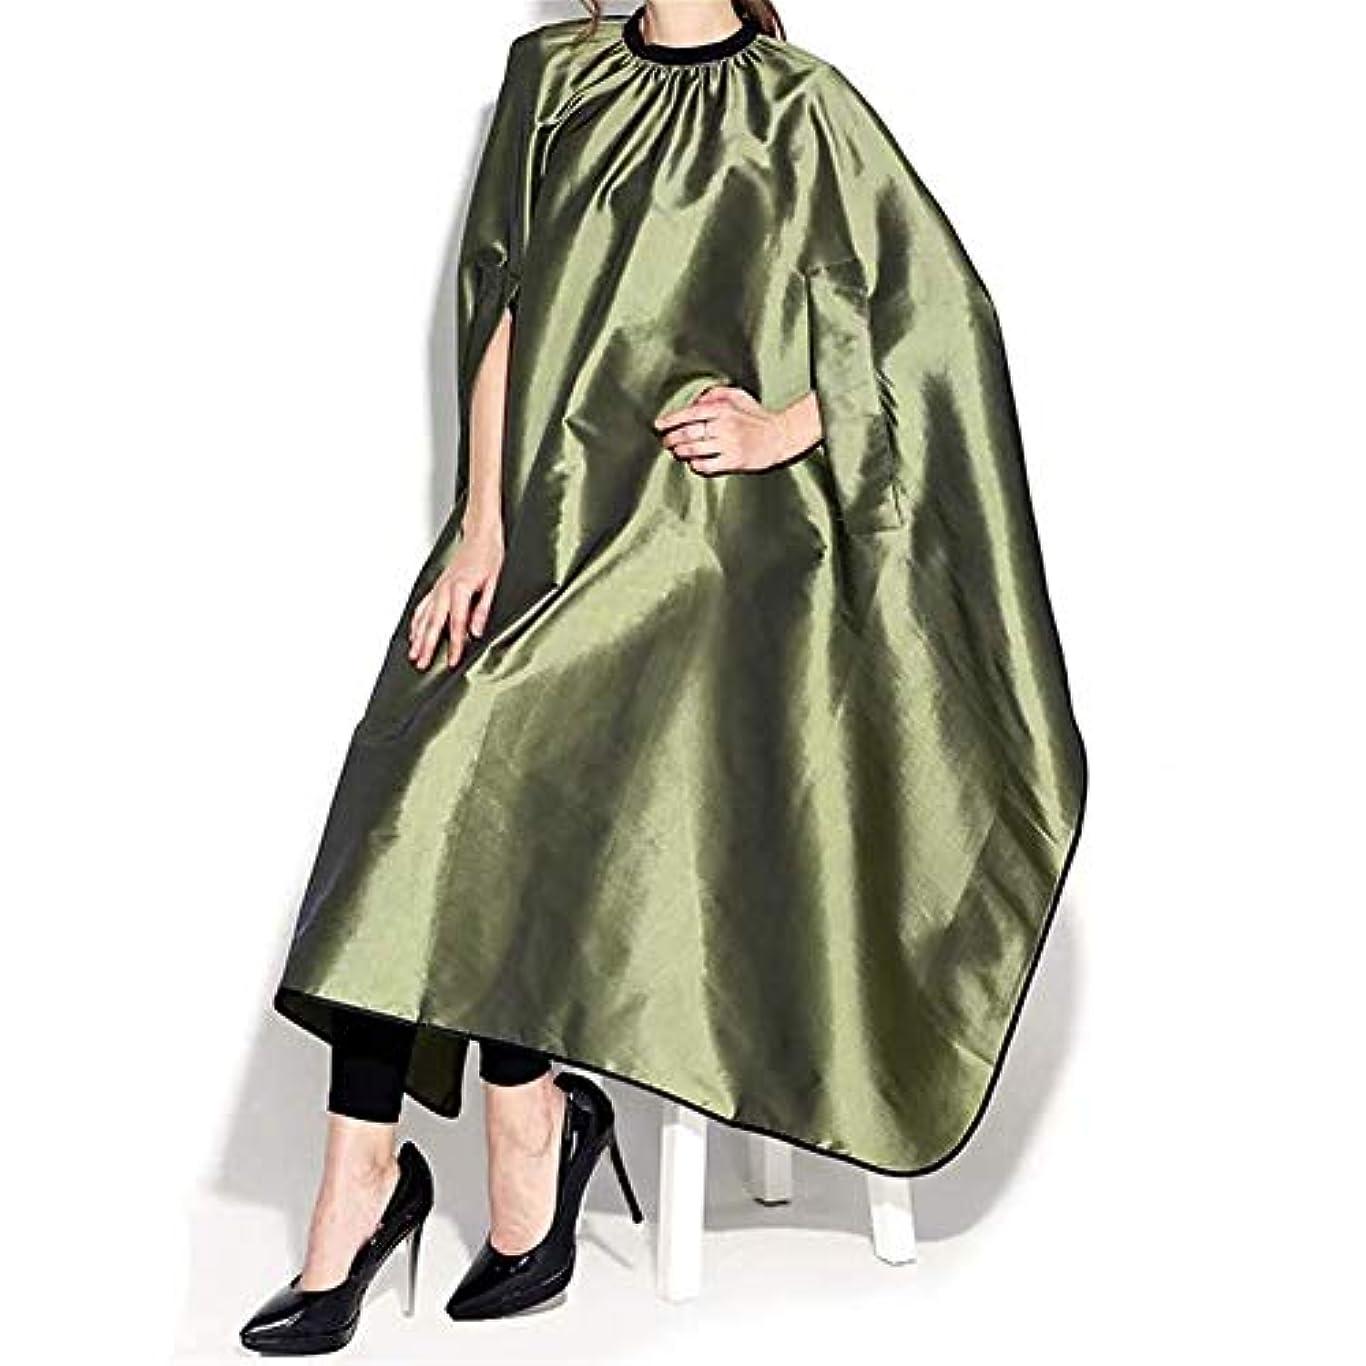 アプライアンス変化アルファベット順HIZLJJ 理髪理髪ガウン防水サロンケープ散髪エプロン髪カット染めスタイリング布 (Color : Green)